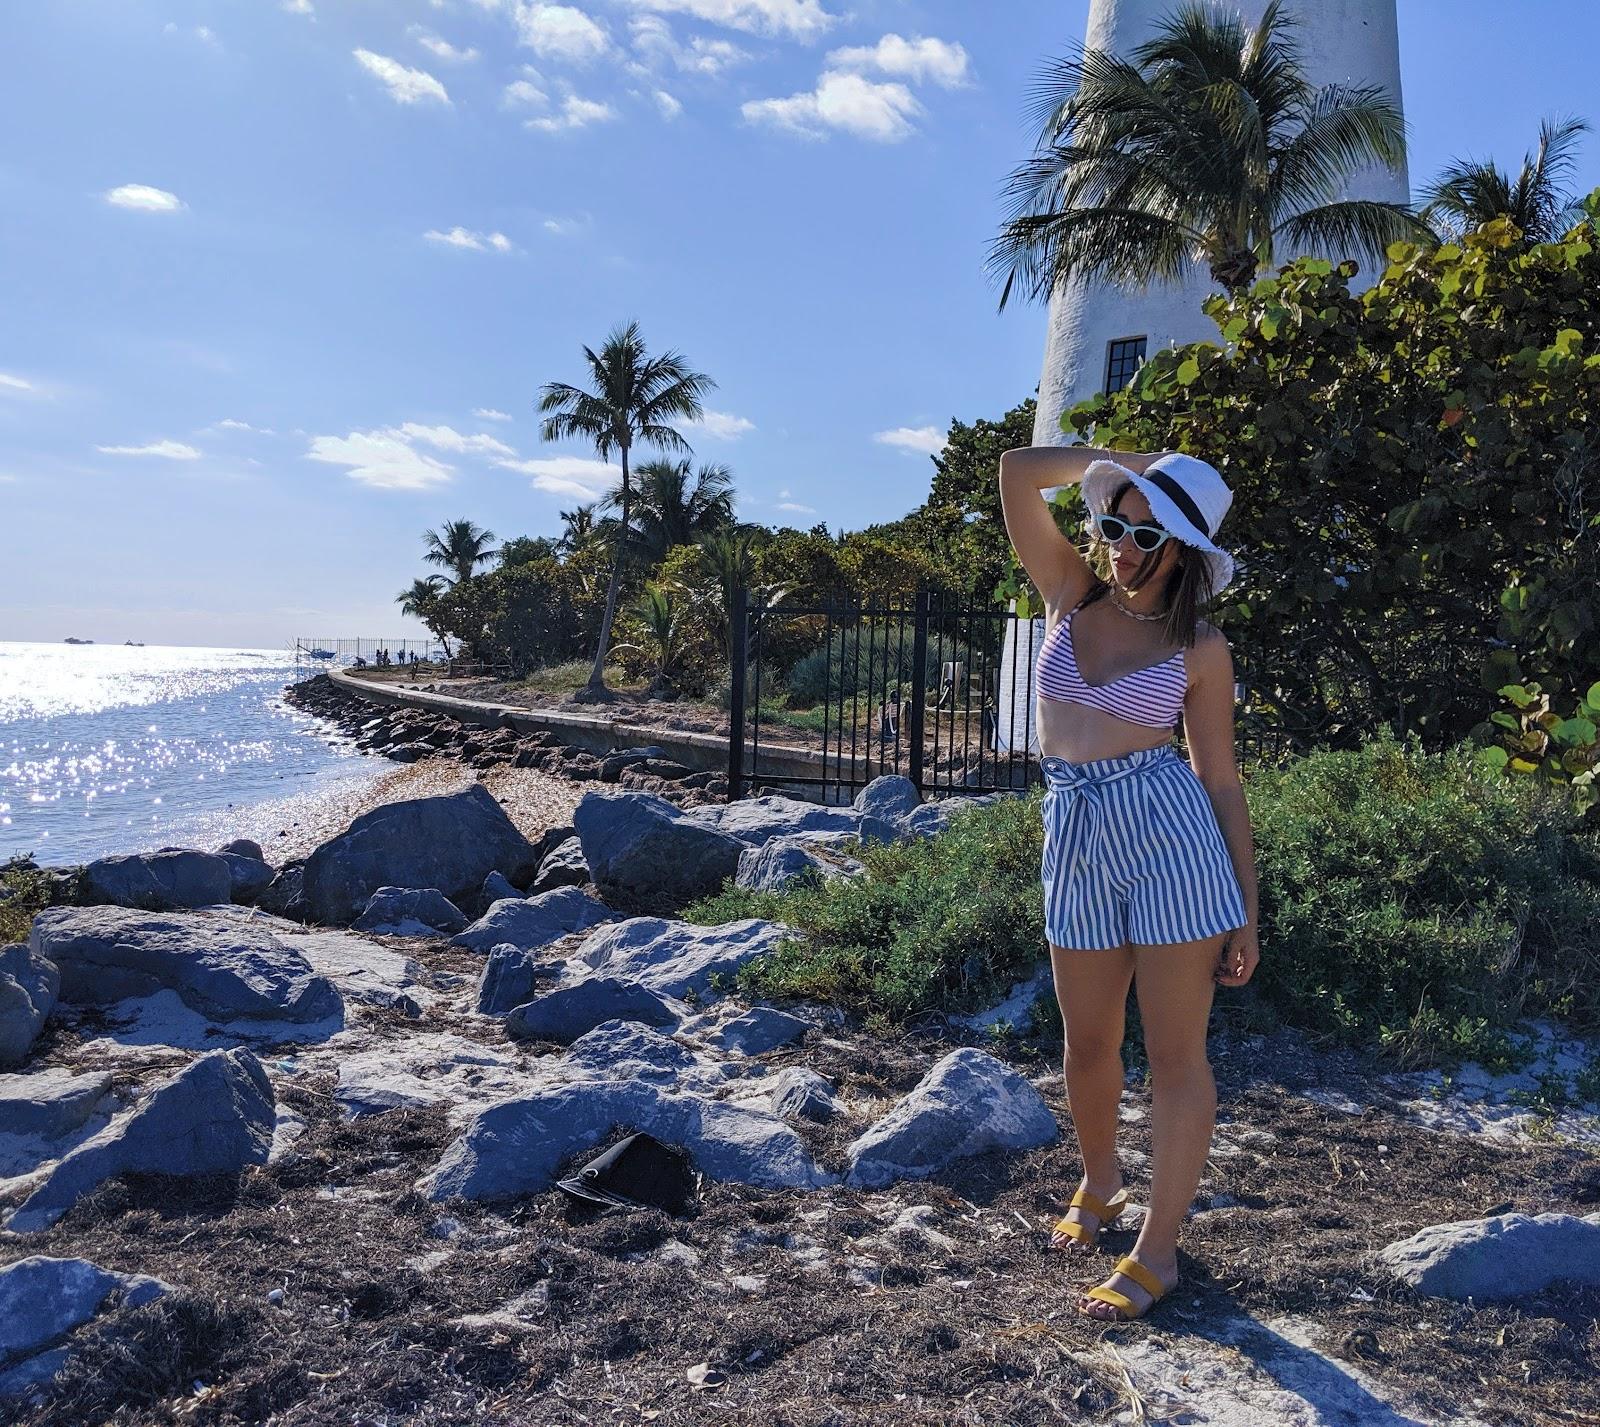 המלצות של מקומיים חופים במיאמי פלורידה ארצות הברית טיולים אחרי הקורונה